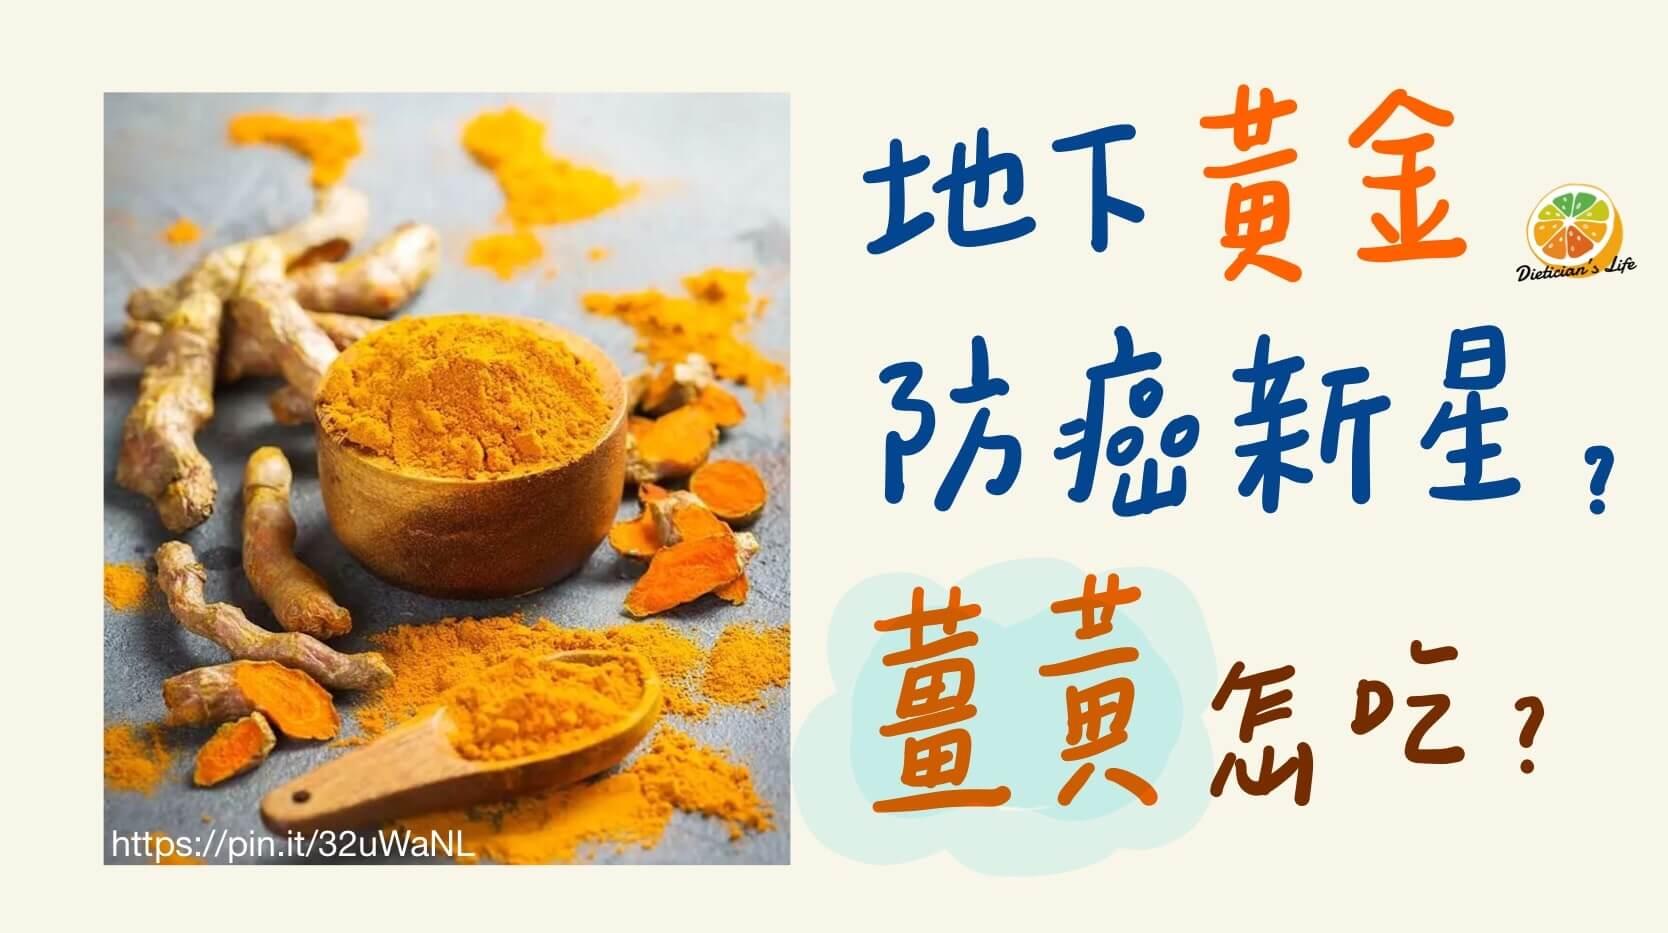 地下黃金、防癌的明日之星,教你「薑黃」如何吃!